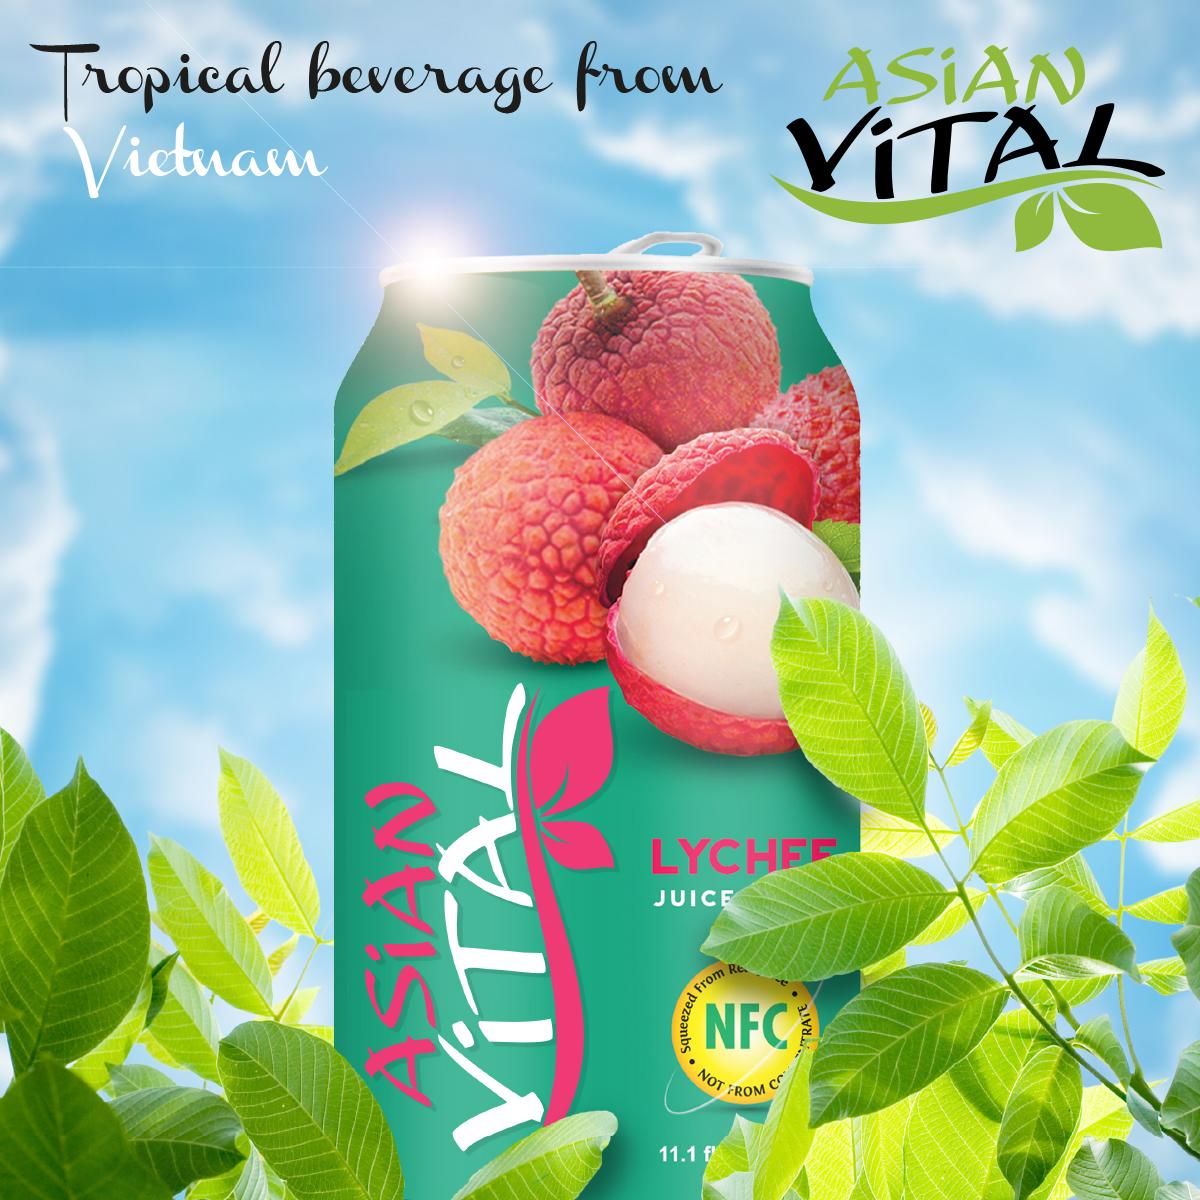 asian_vital_logo_latvany_II